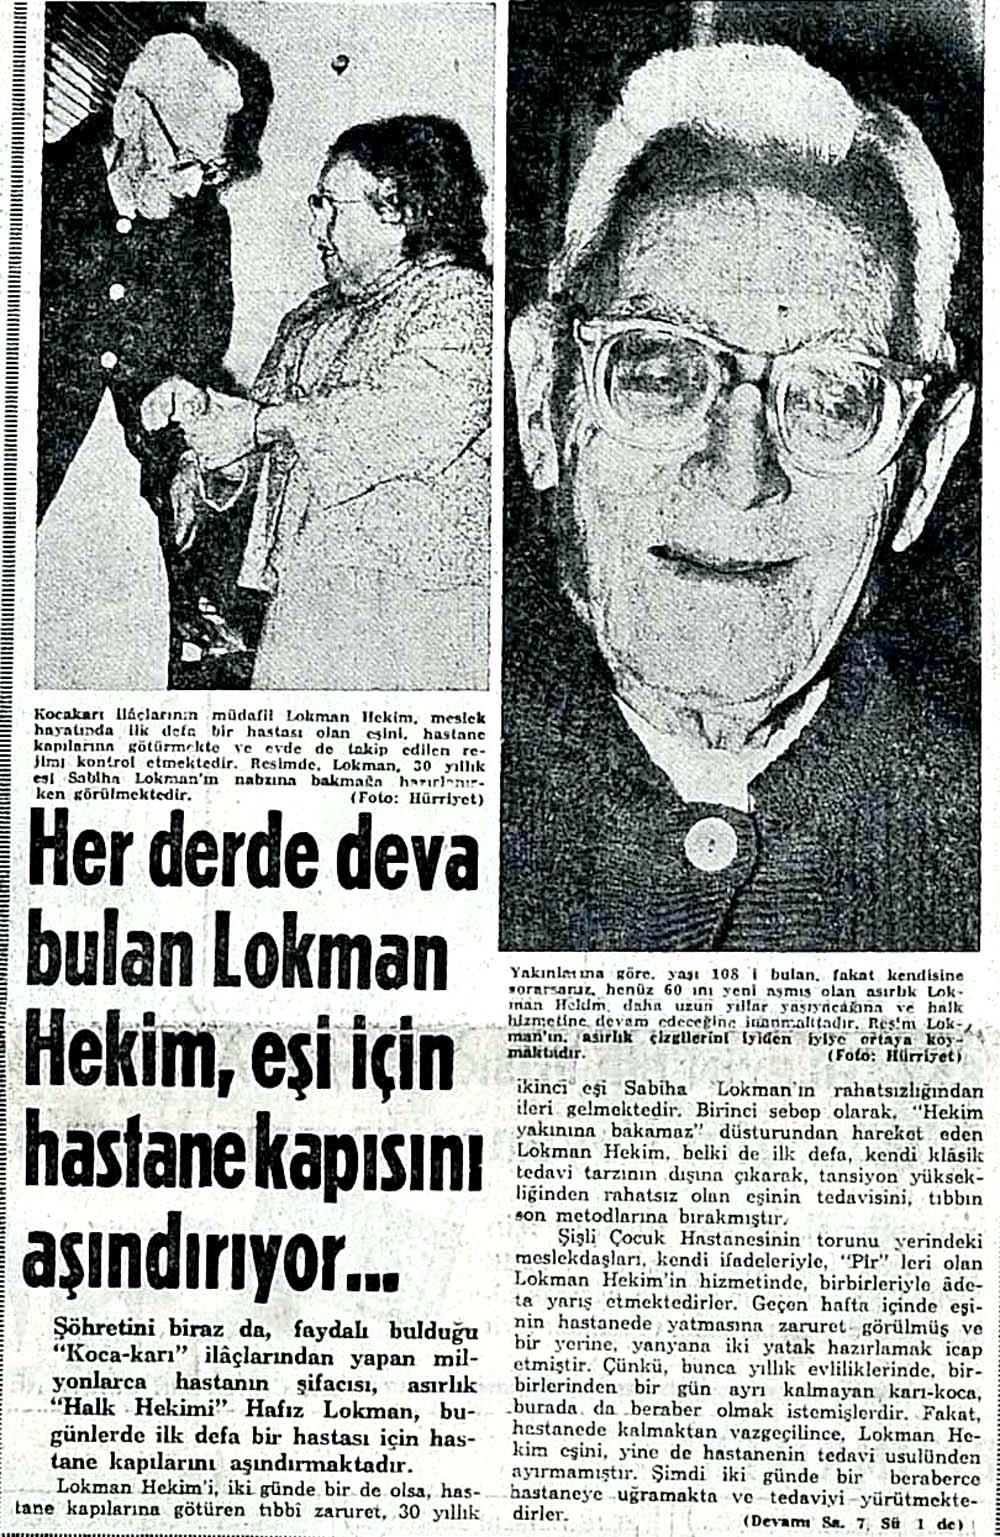 Her derde deva bulan Lokman Hekim, eşi için hastane kapısını aşındırıyor...